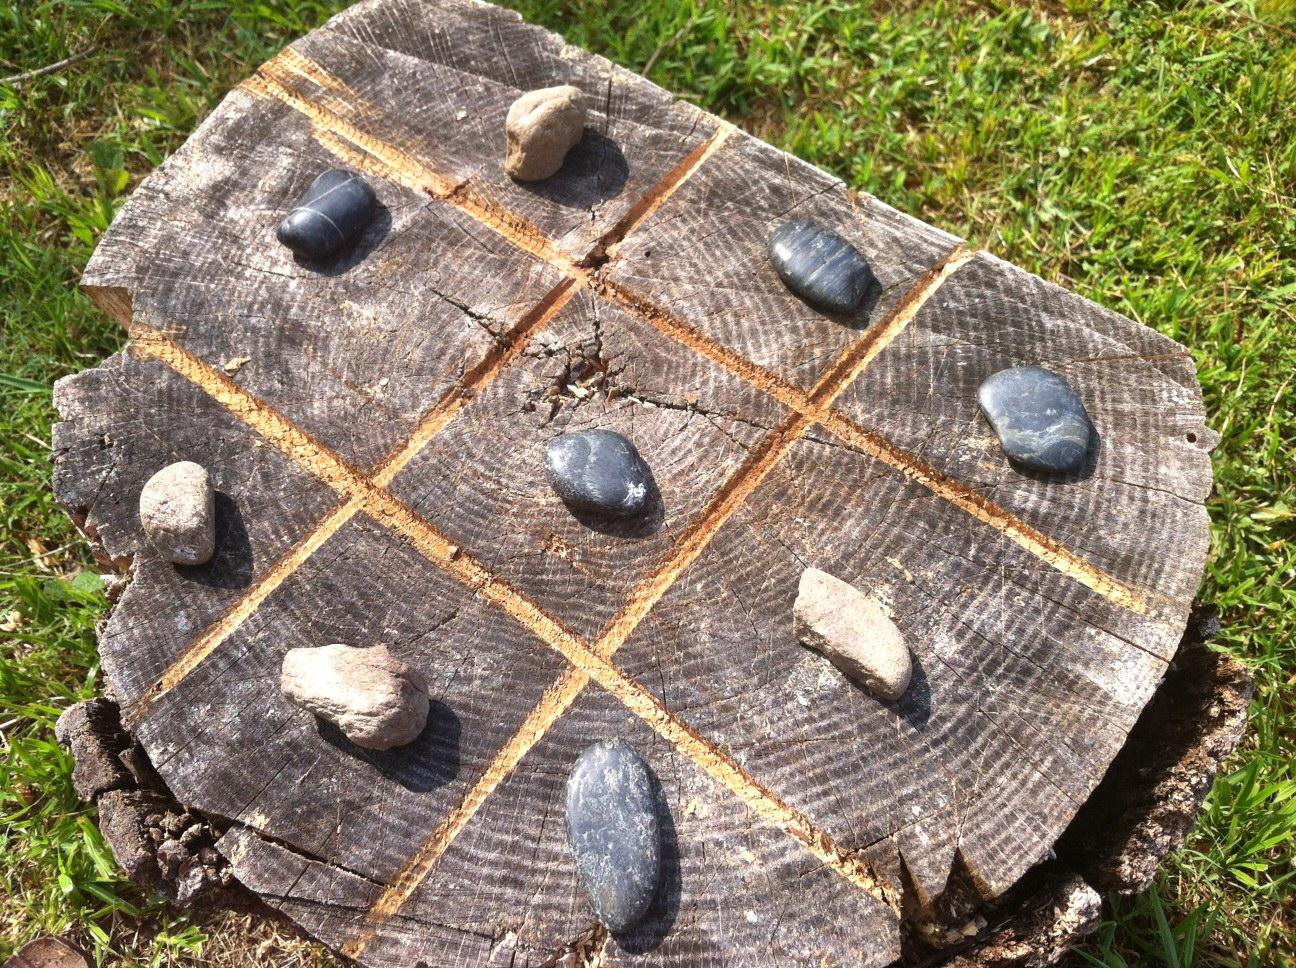 Checkers Board DIY